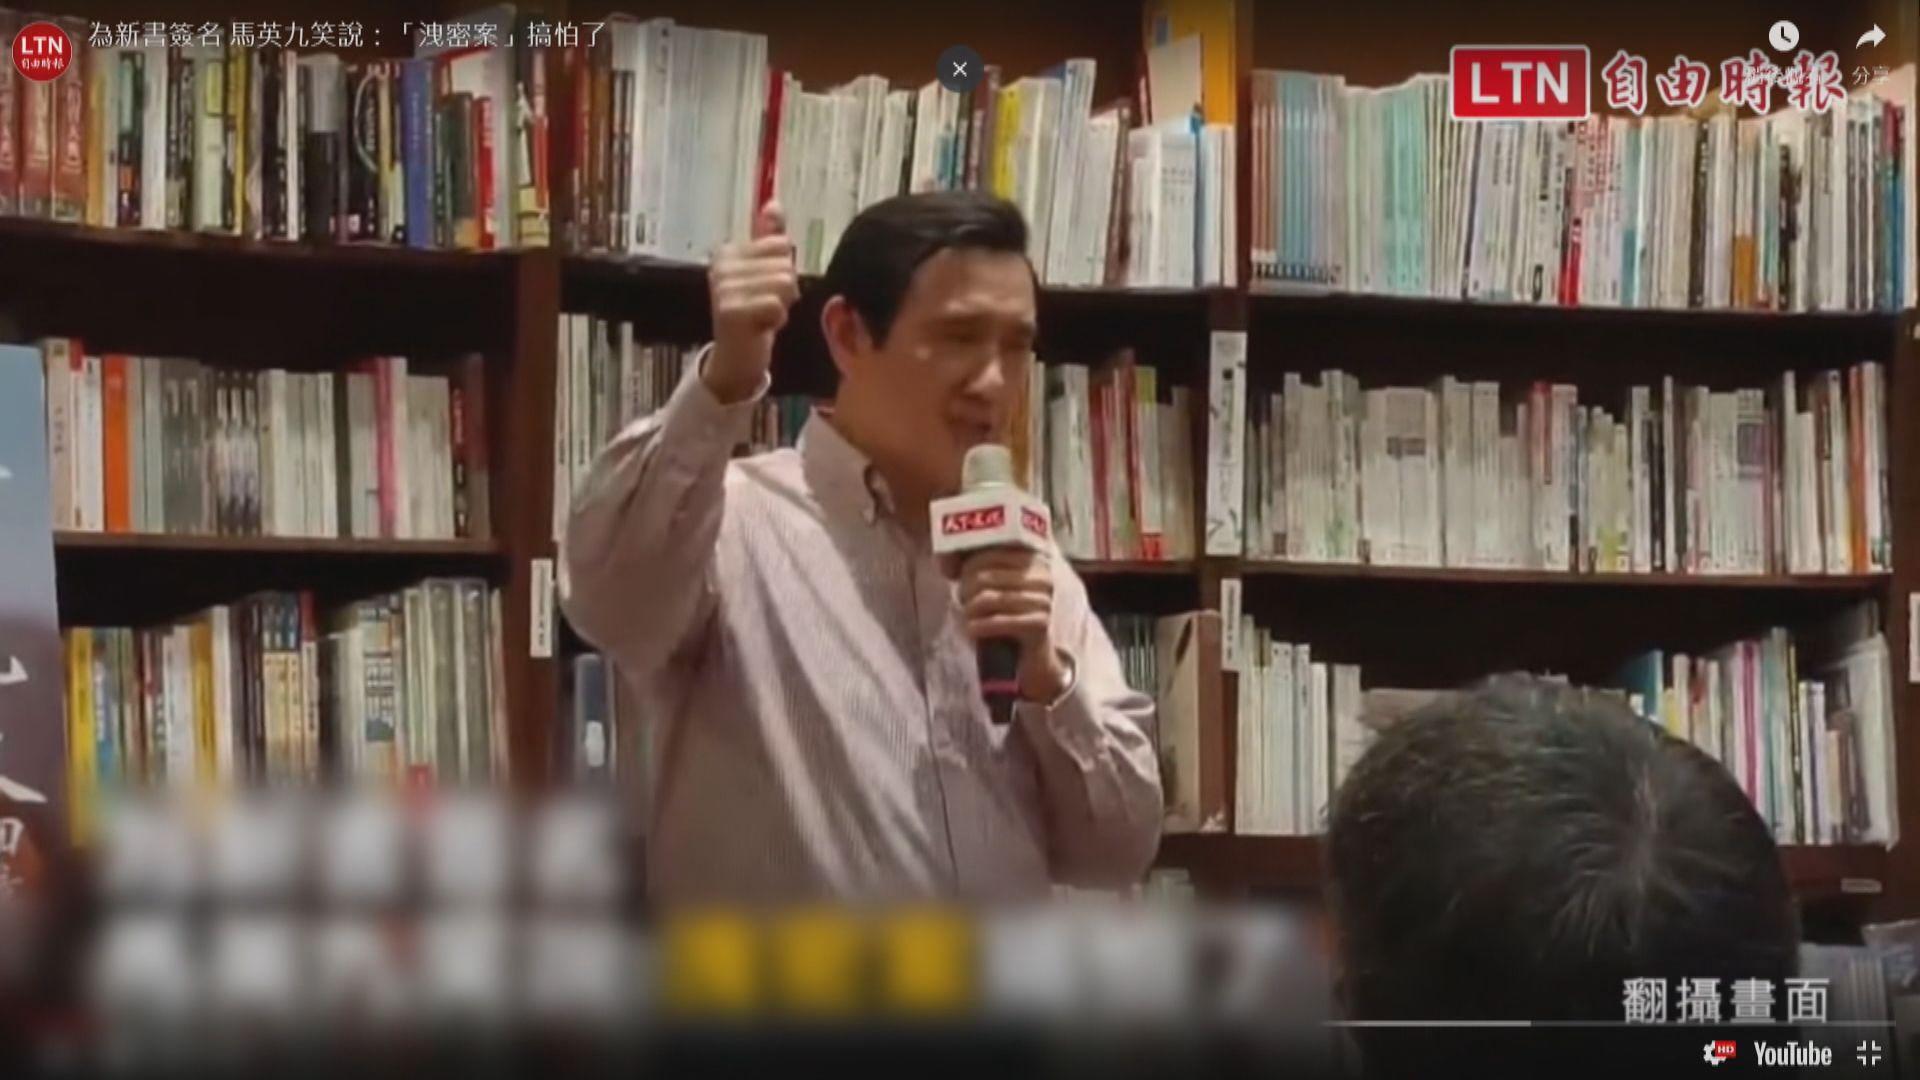 【環球薈報】馬英九舉行新書簽名會